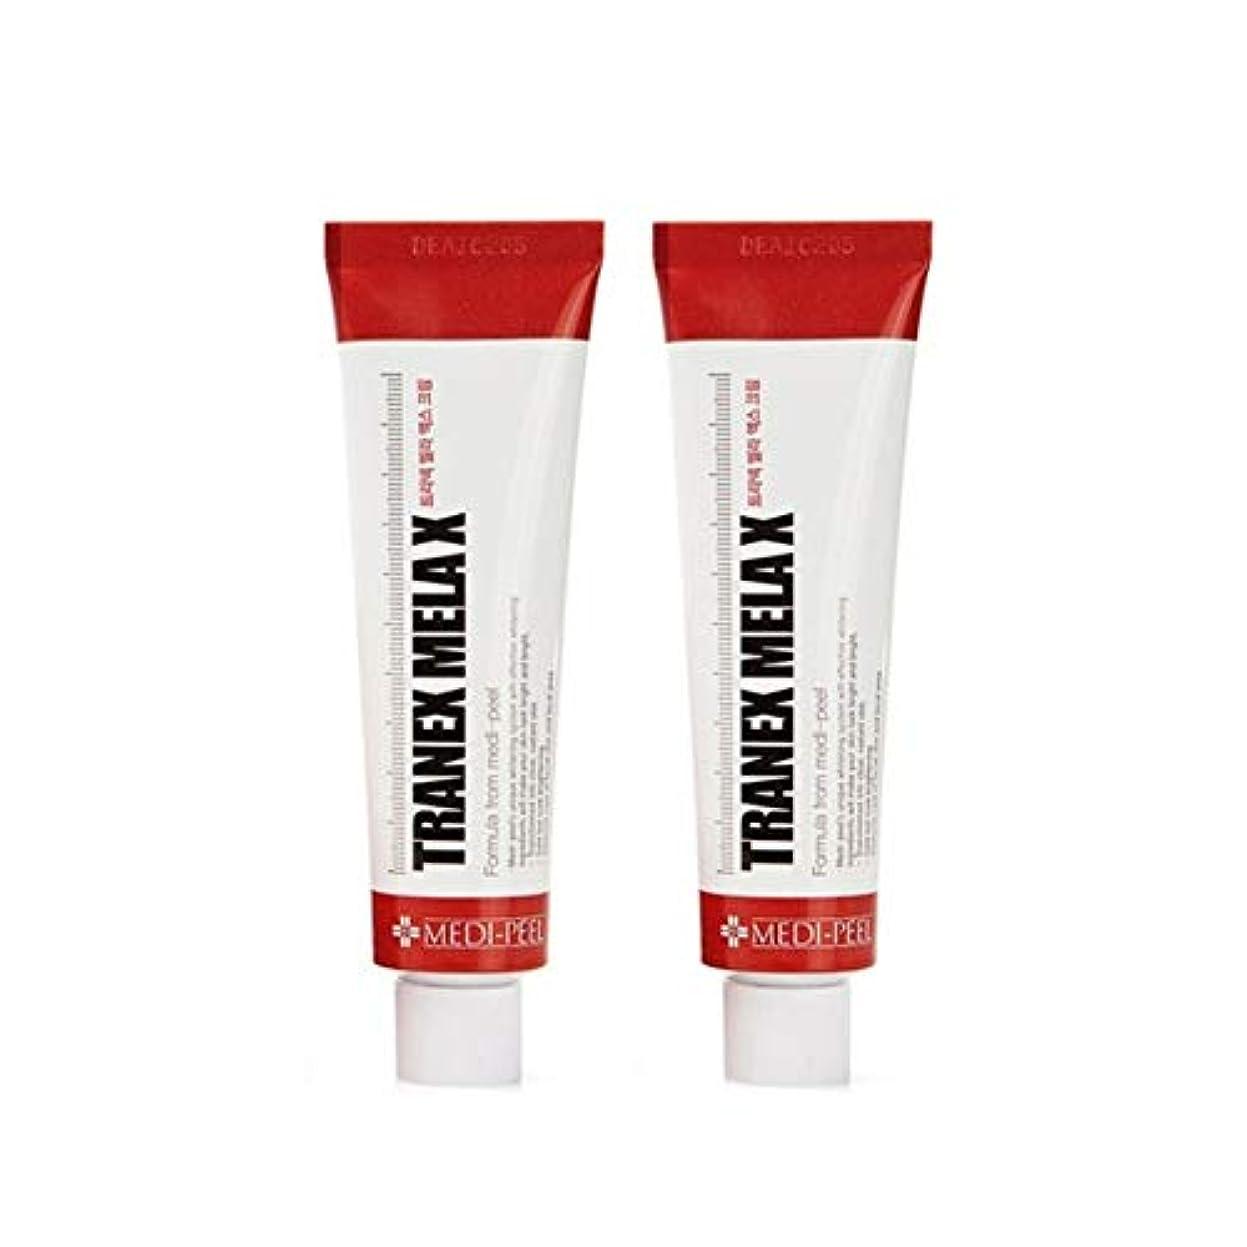 ストリップひまわり薬を飲むメディピル・トラネック・メラX・クリーム30mlx2本セット美白クリーム韓国コスメ、Medi-Peel Tranex Mela X Cream 30ml x 2ea Set Whitening Cream Korean...